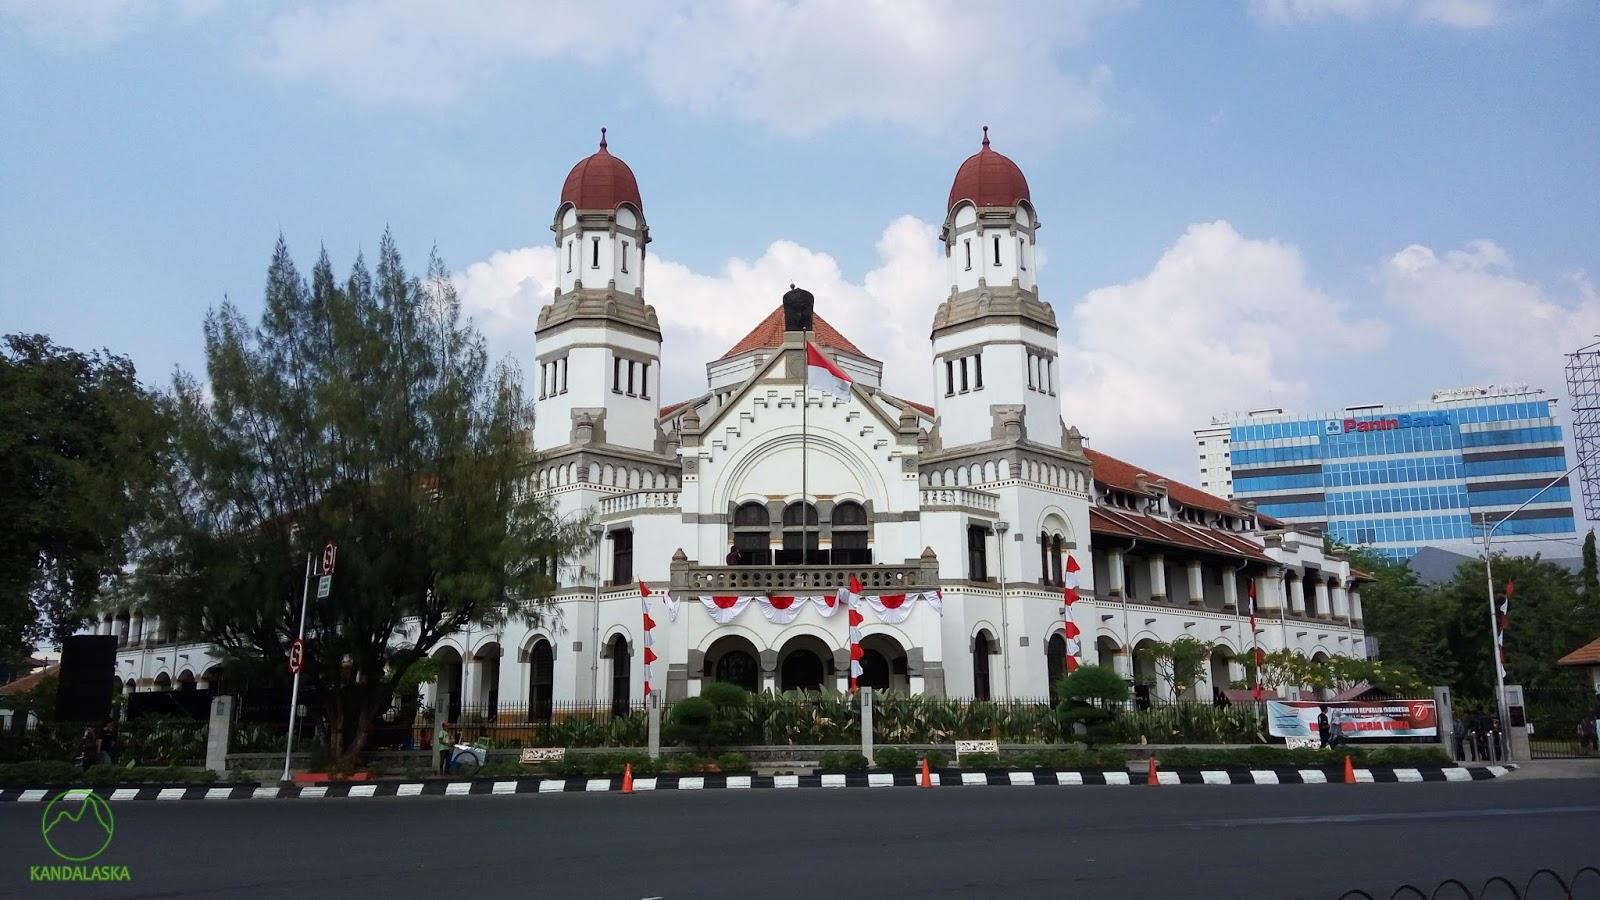 Lawang Sewu Kandalaska Kab Semarang